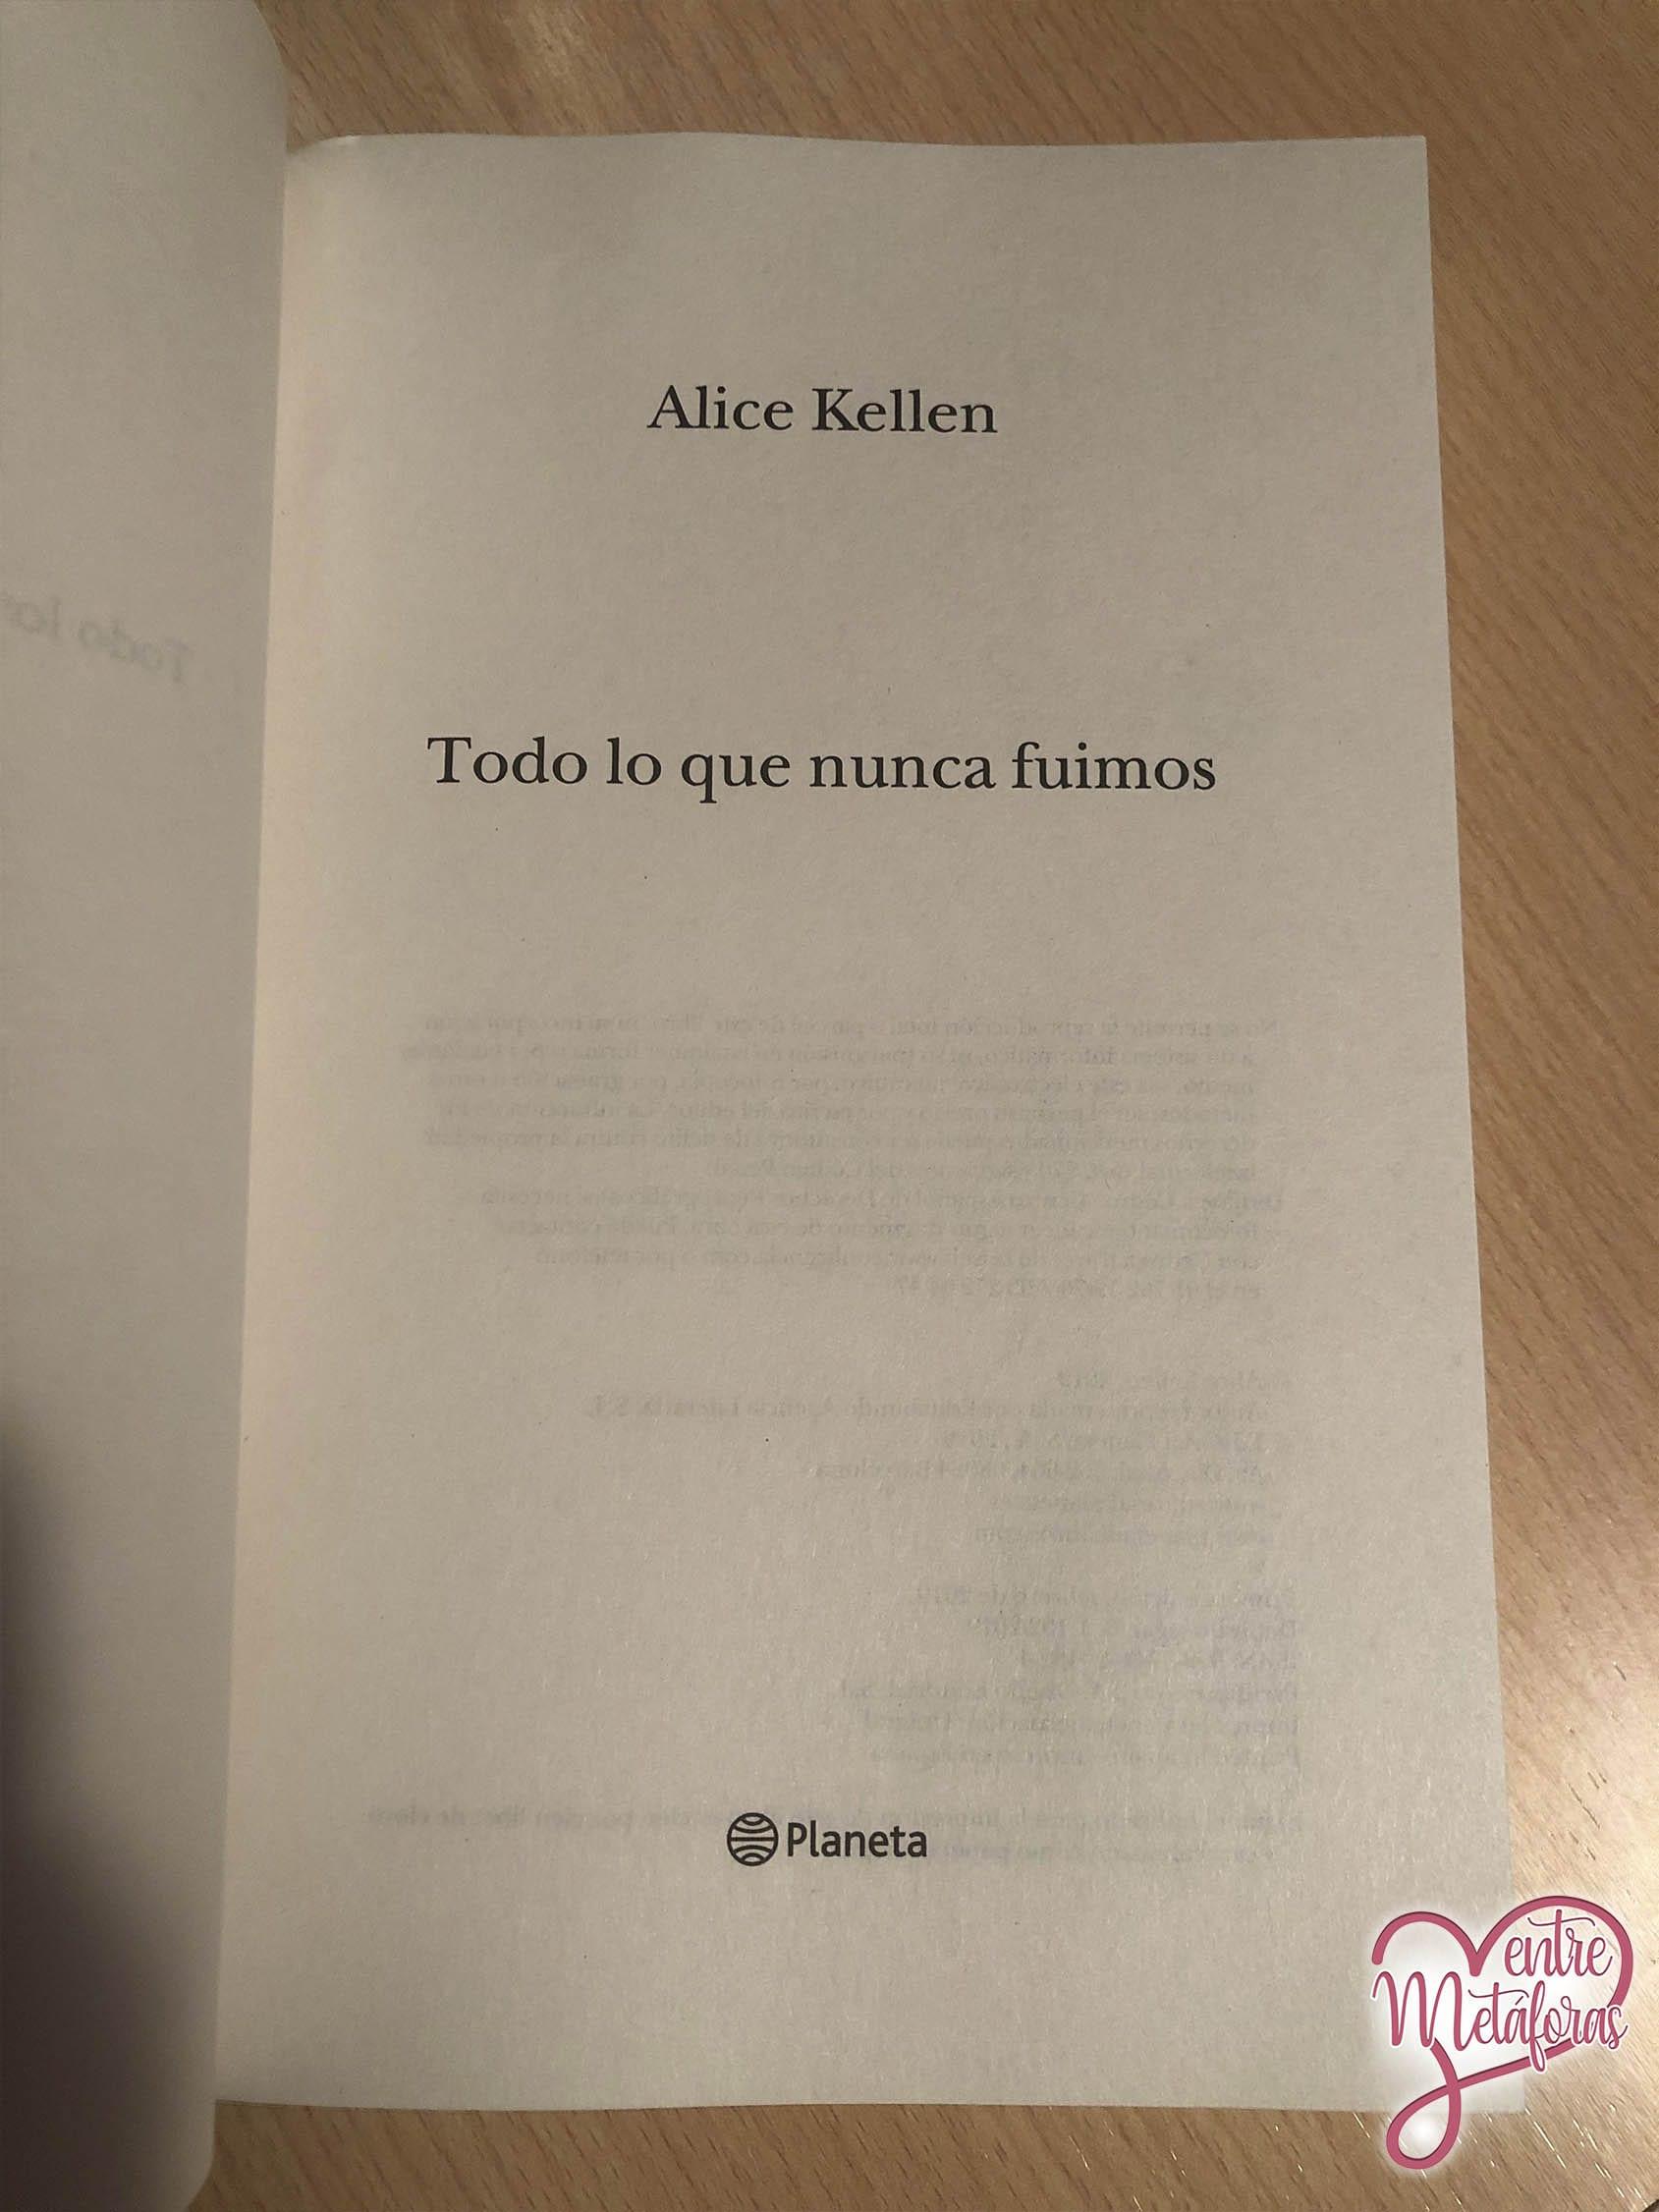 Todo lo que nunca fuimos, de Alice Kellen - Reseña